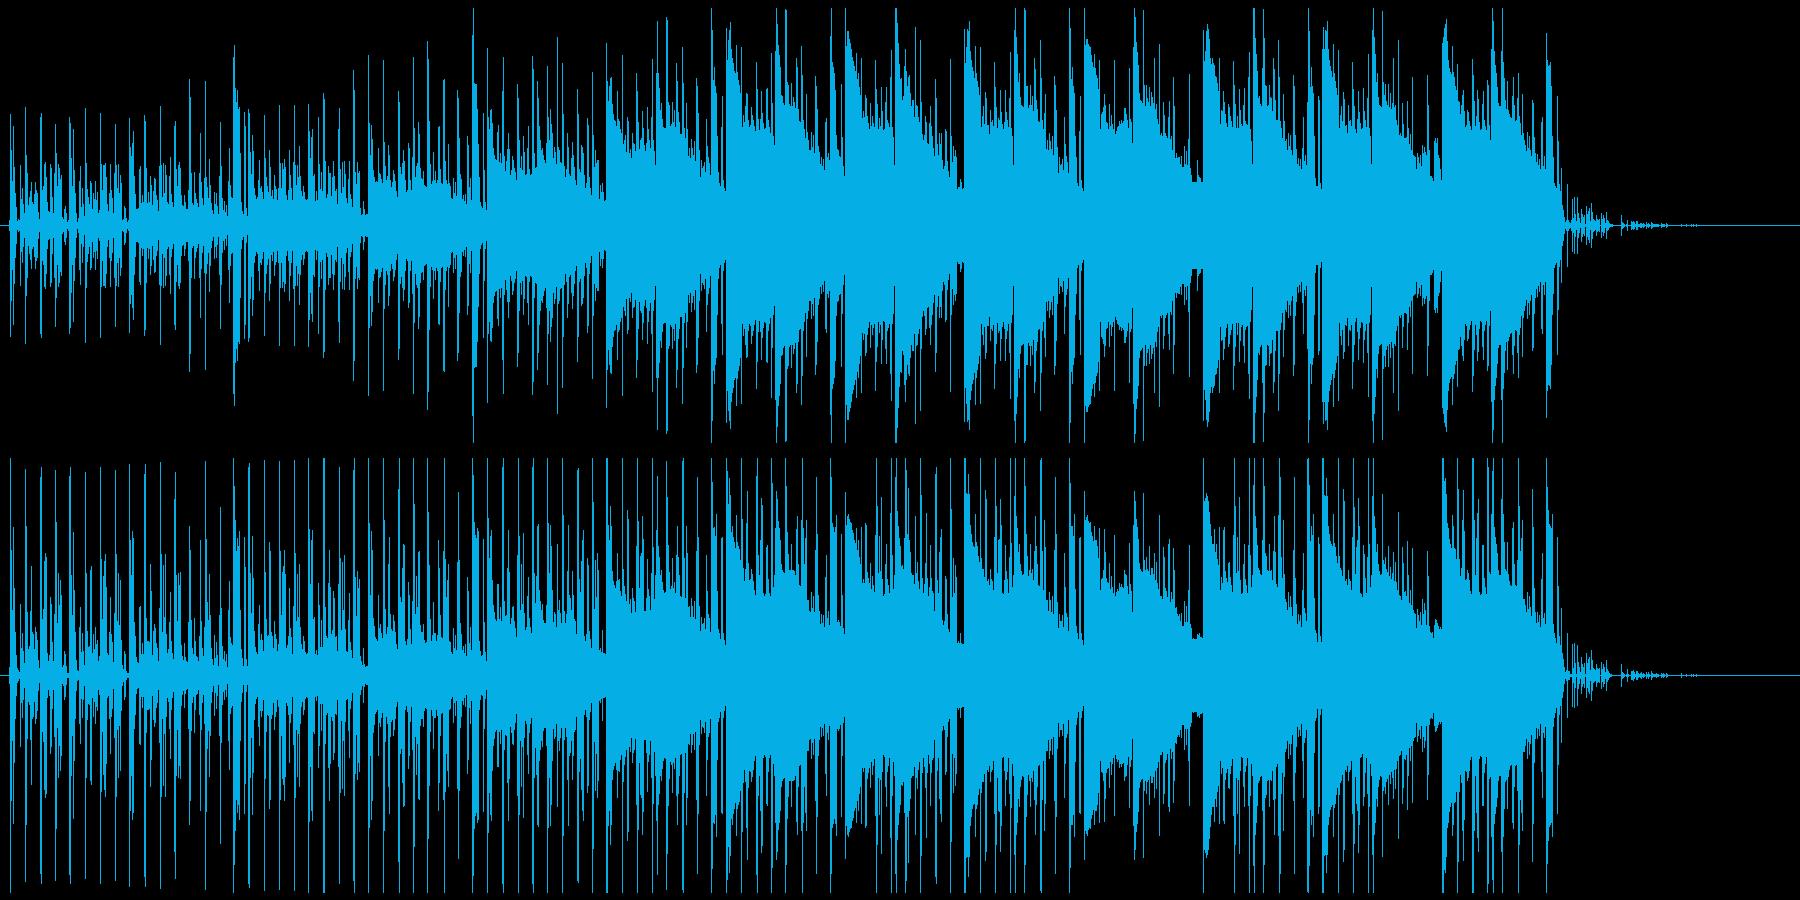 昼の森林の中を歩くイメージのBGMの再生済みの波形